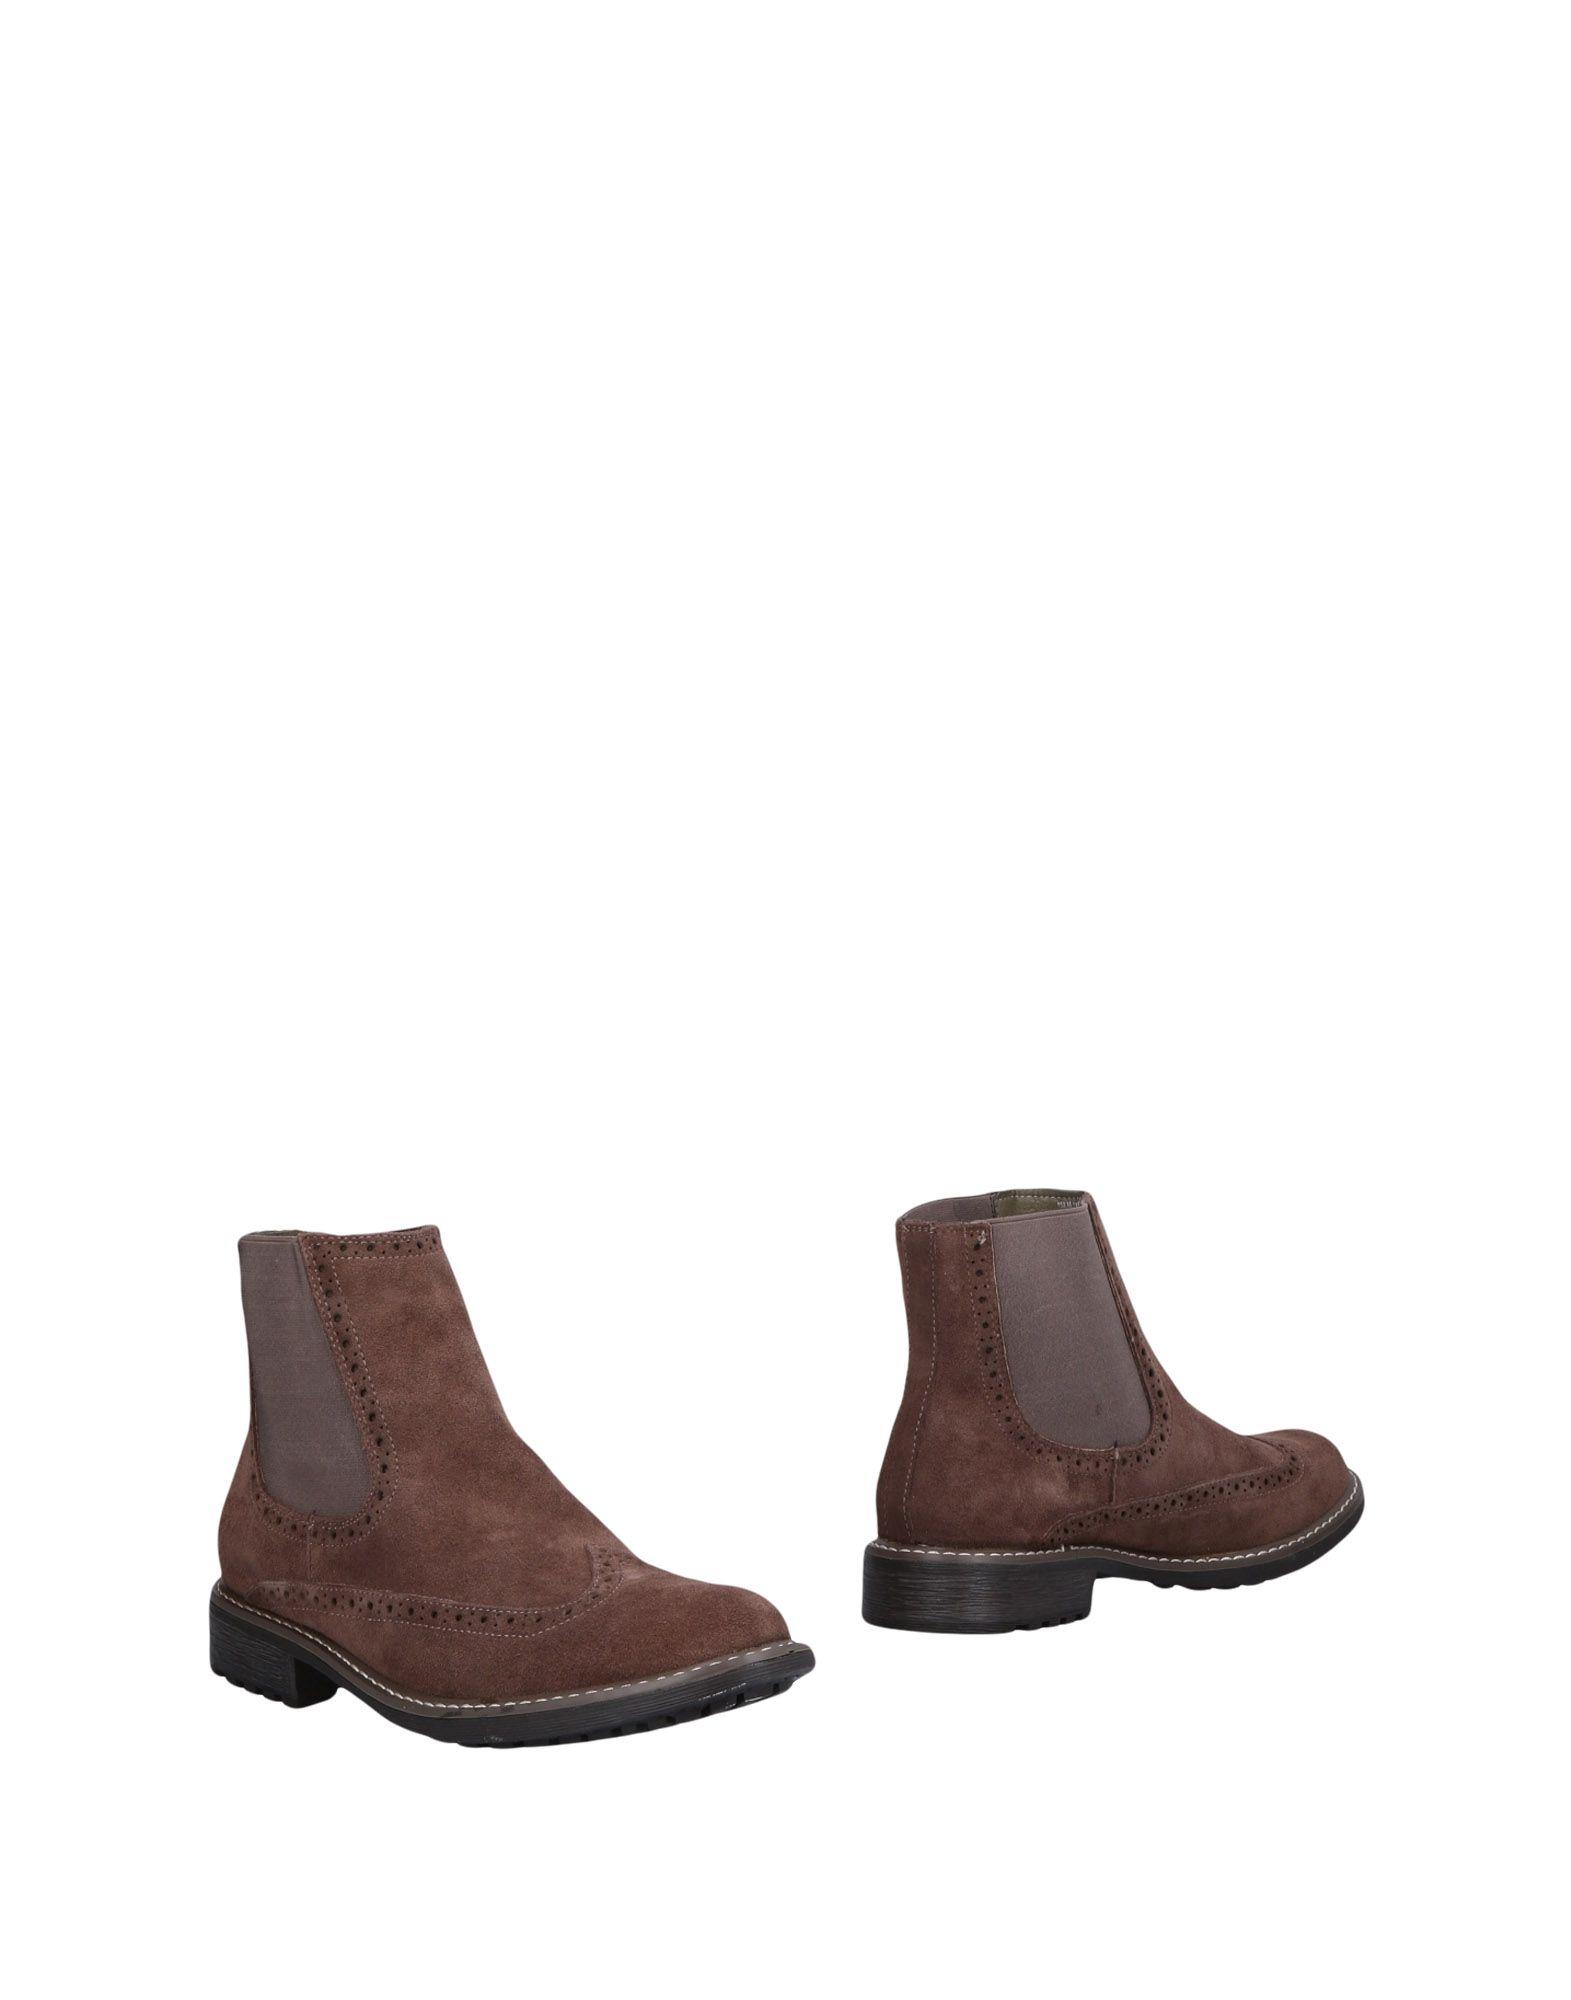 Avirex Stiefelette Herren Heiße  11472270IP Heiße Herren Schuhe 3befcf